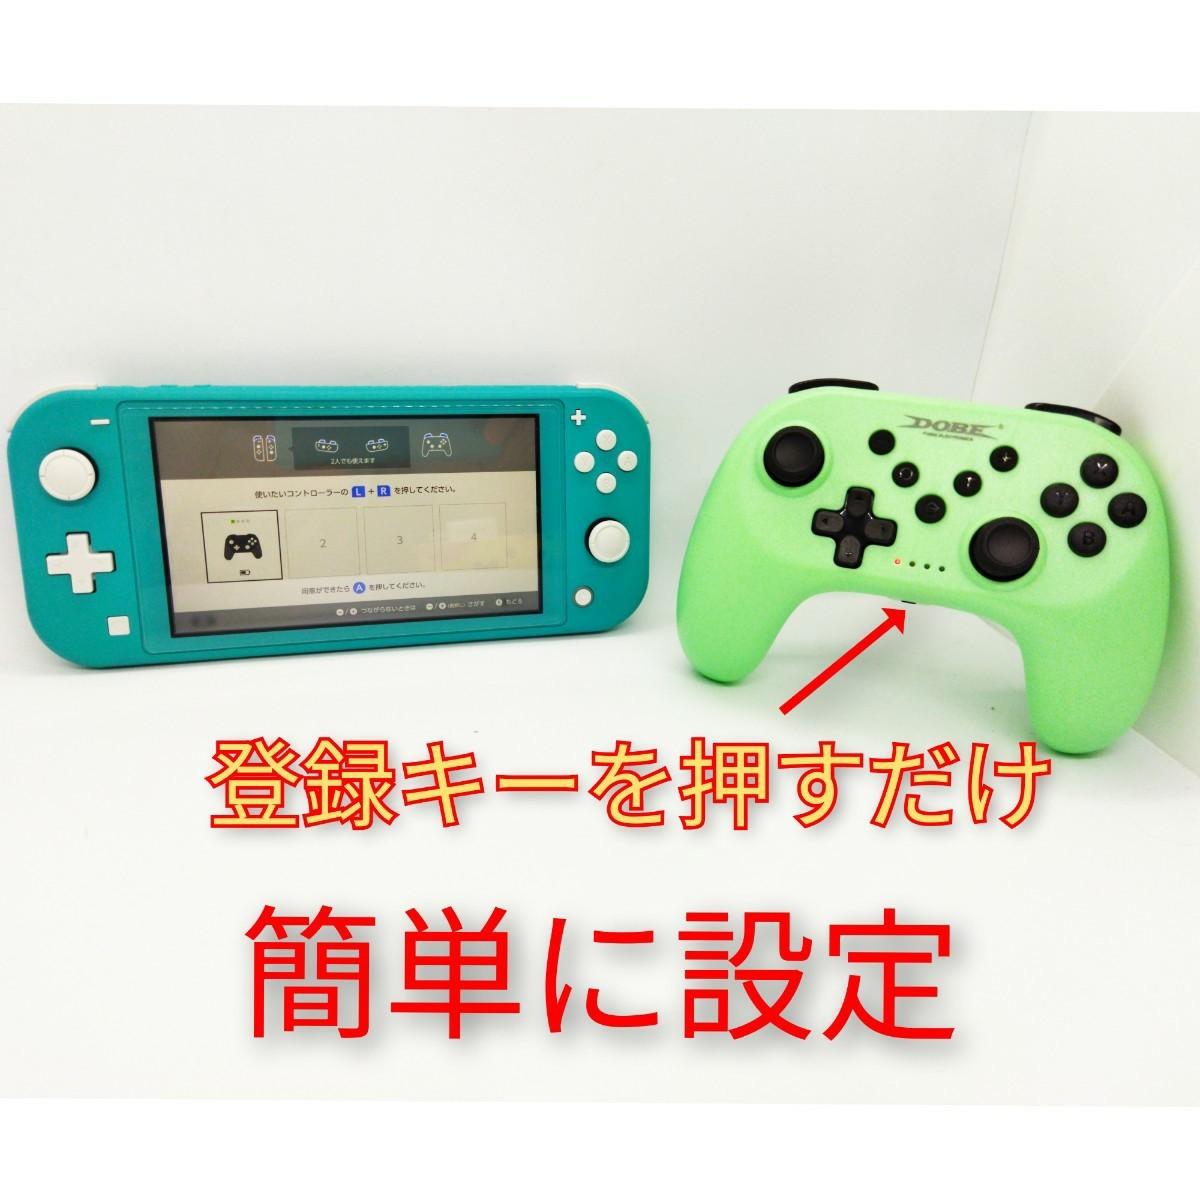 任天堂スイッチ プロコントローラー  ワイヤレスコントローラー 操作性抜群 軽い!人気のライトグリーン!送料無料